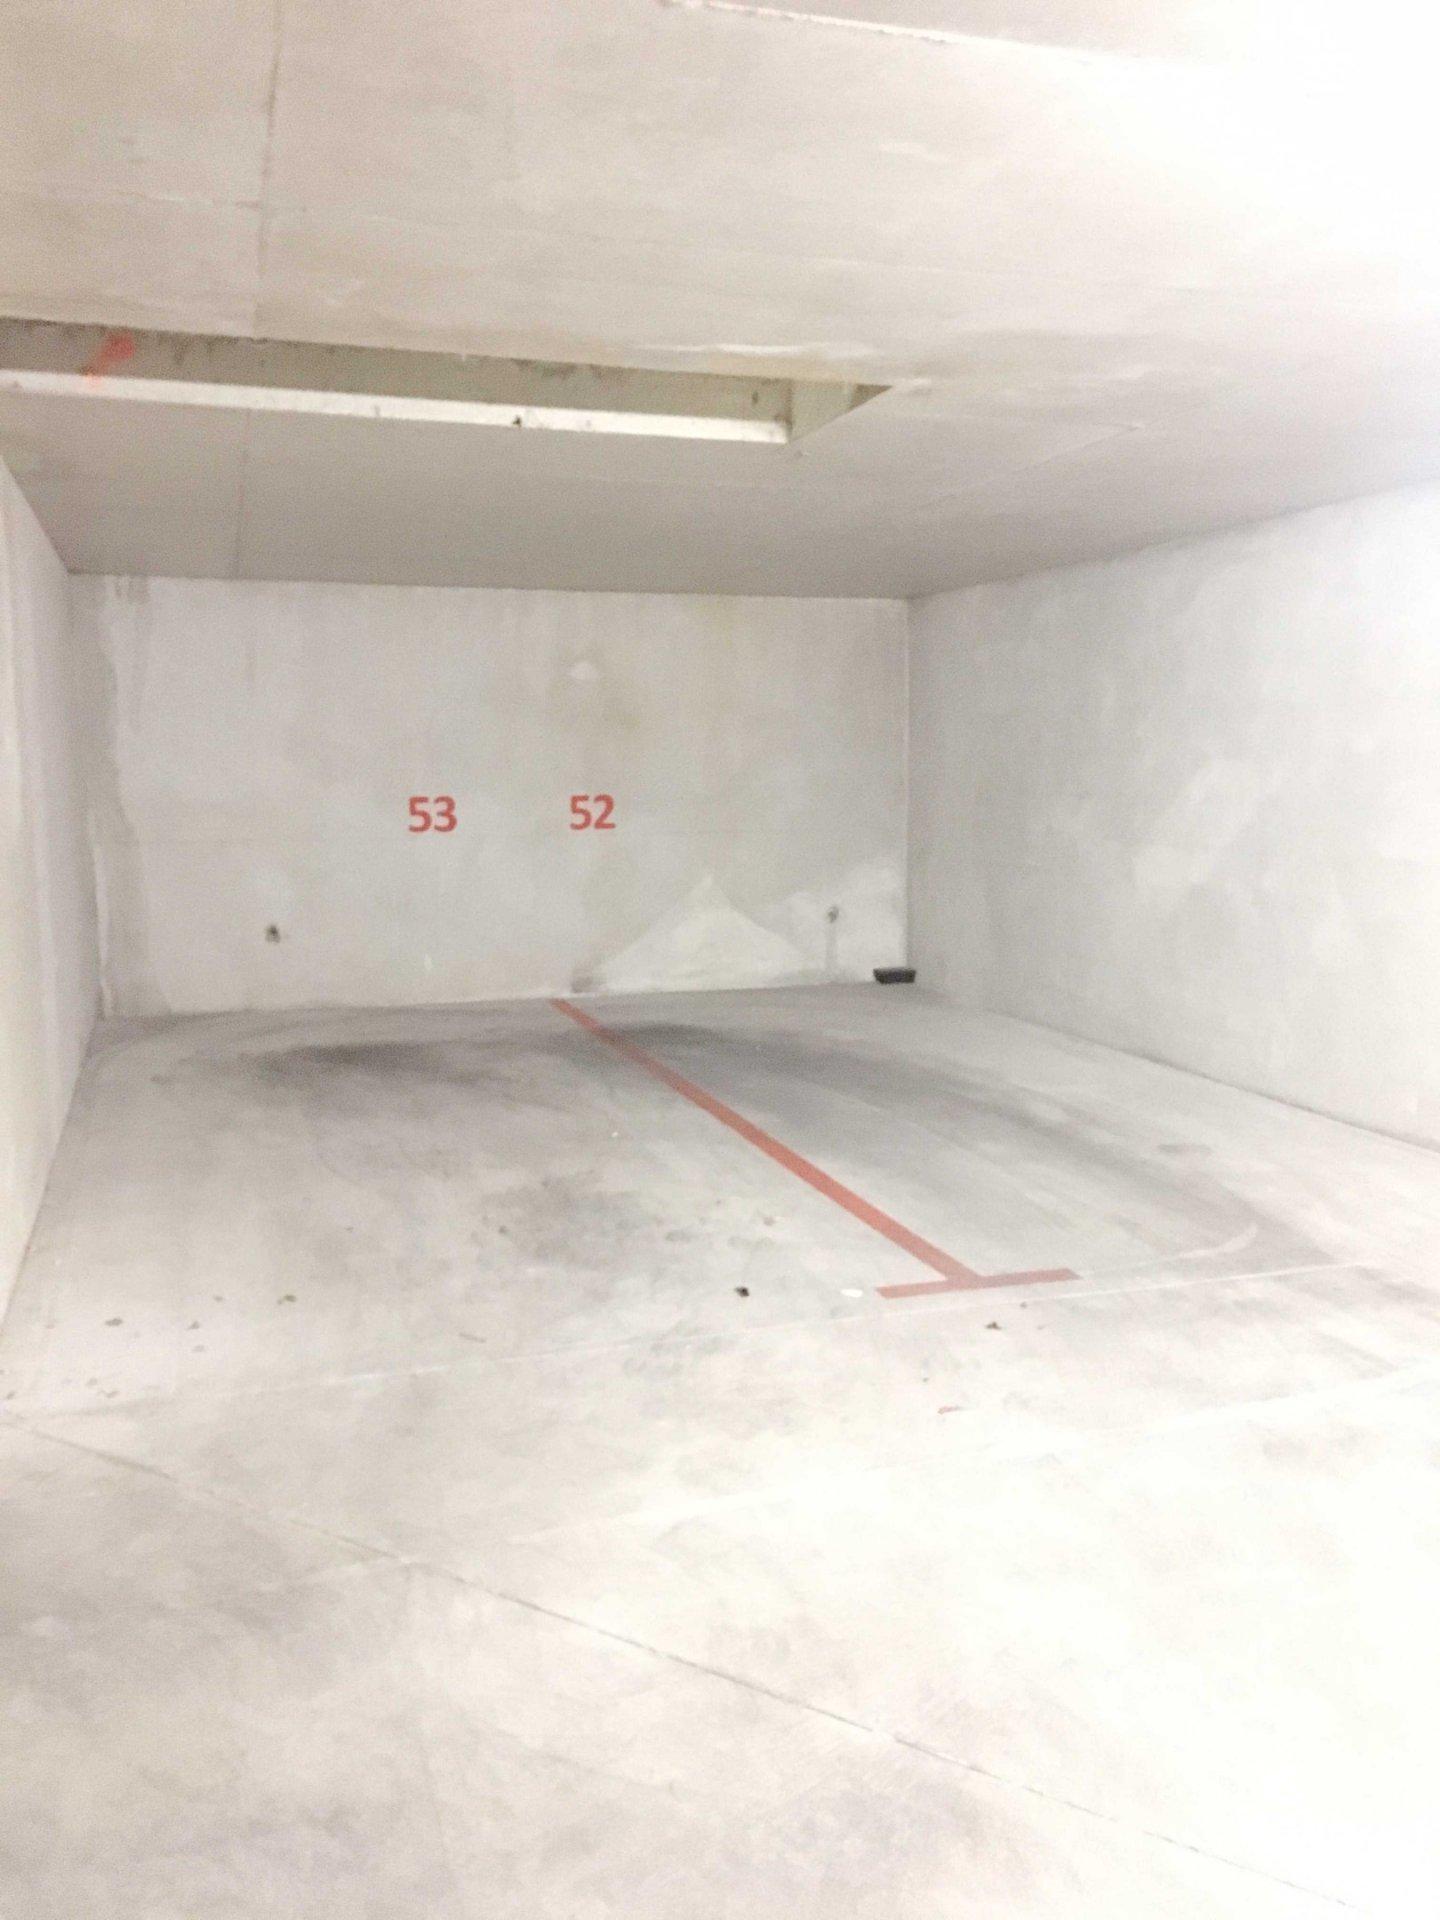 A Louer 4 places de parking simple en sous sol dans résidence sécurisée quartier SAINTE ANNE 13008 Marseille